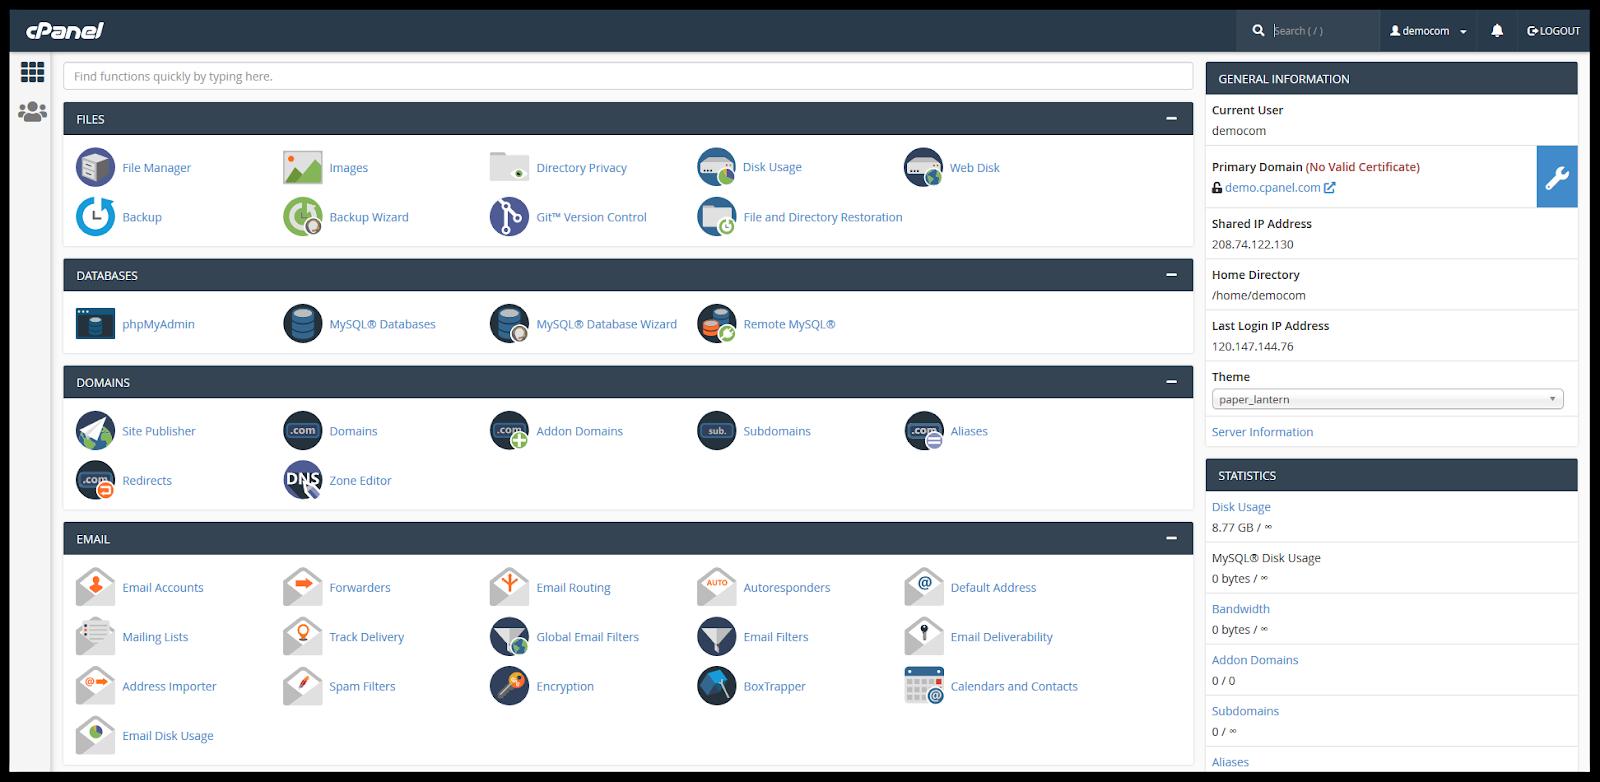 Tampilan cPanel yang digunakan dalam mengelola website untuk bisnis reseller hosting